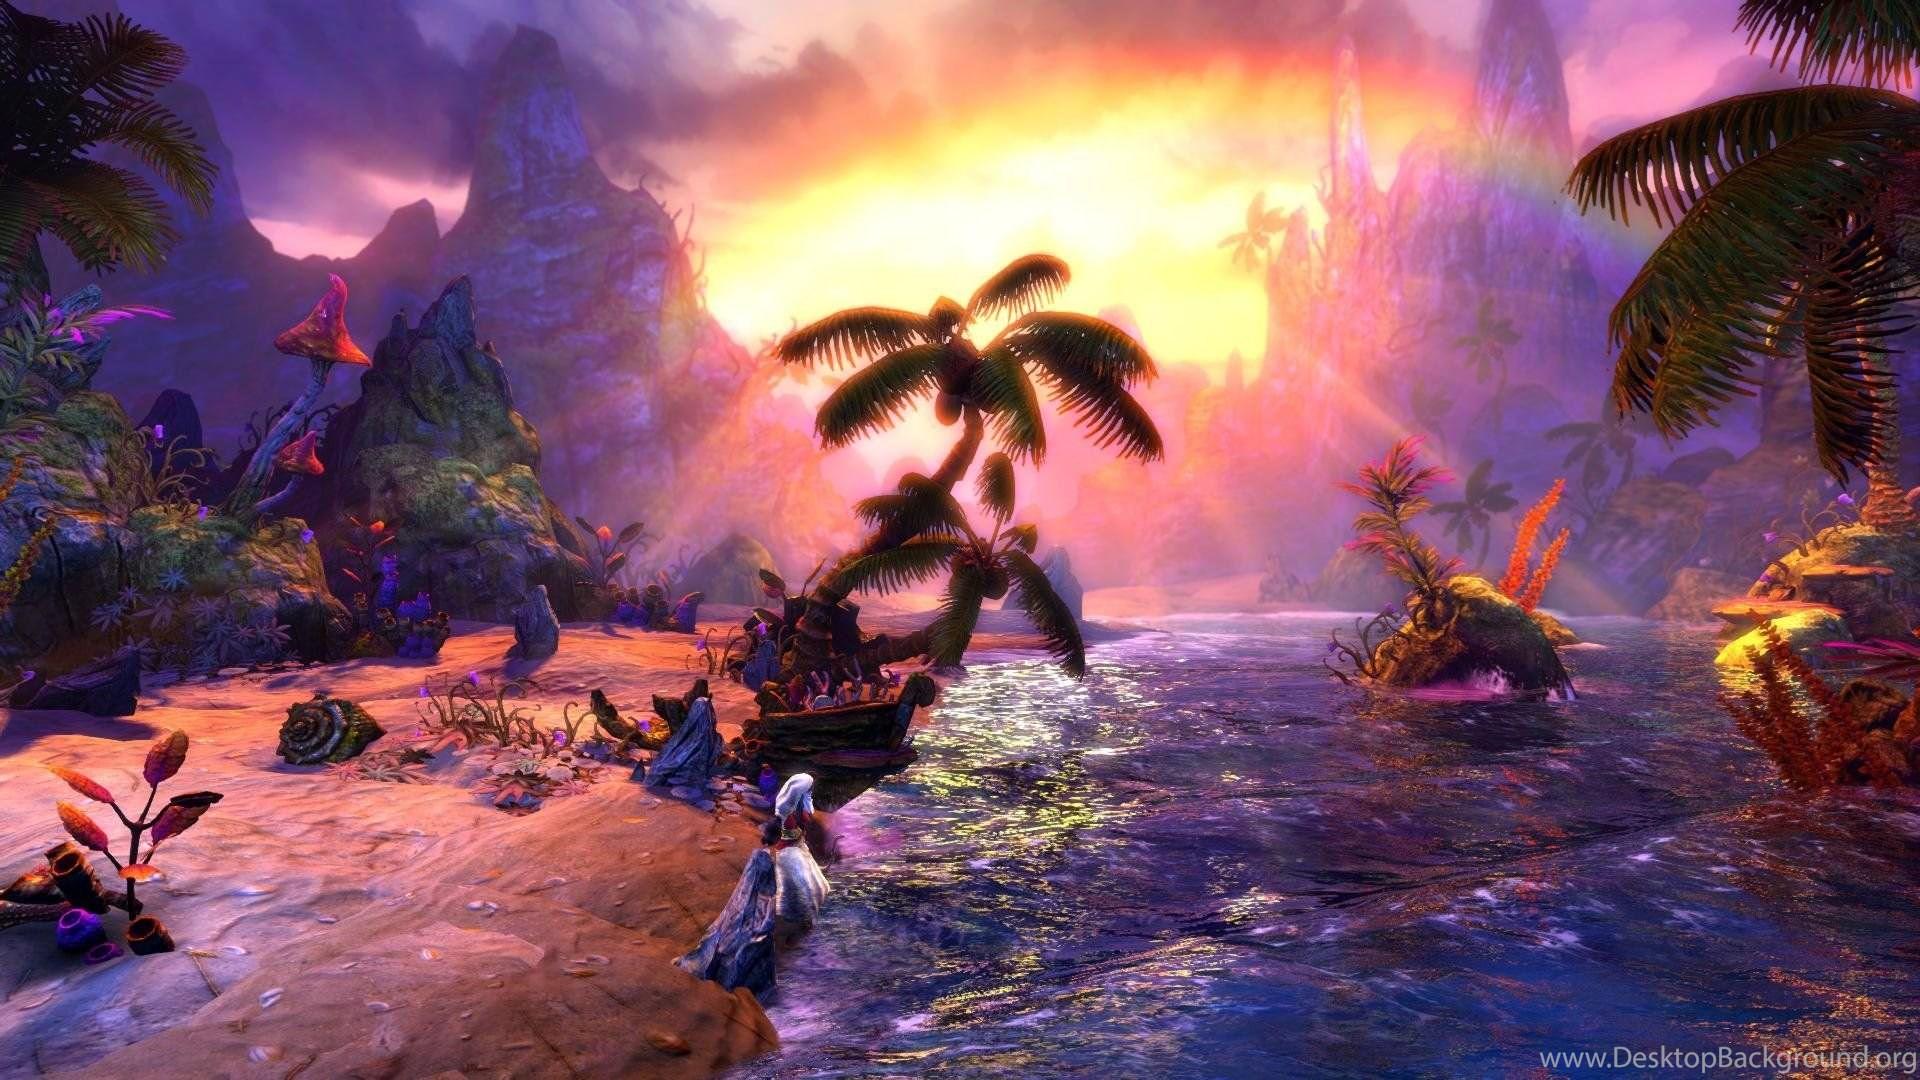 TRINE 2 Scrolling Fantasy Platform Action Rpg (10